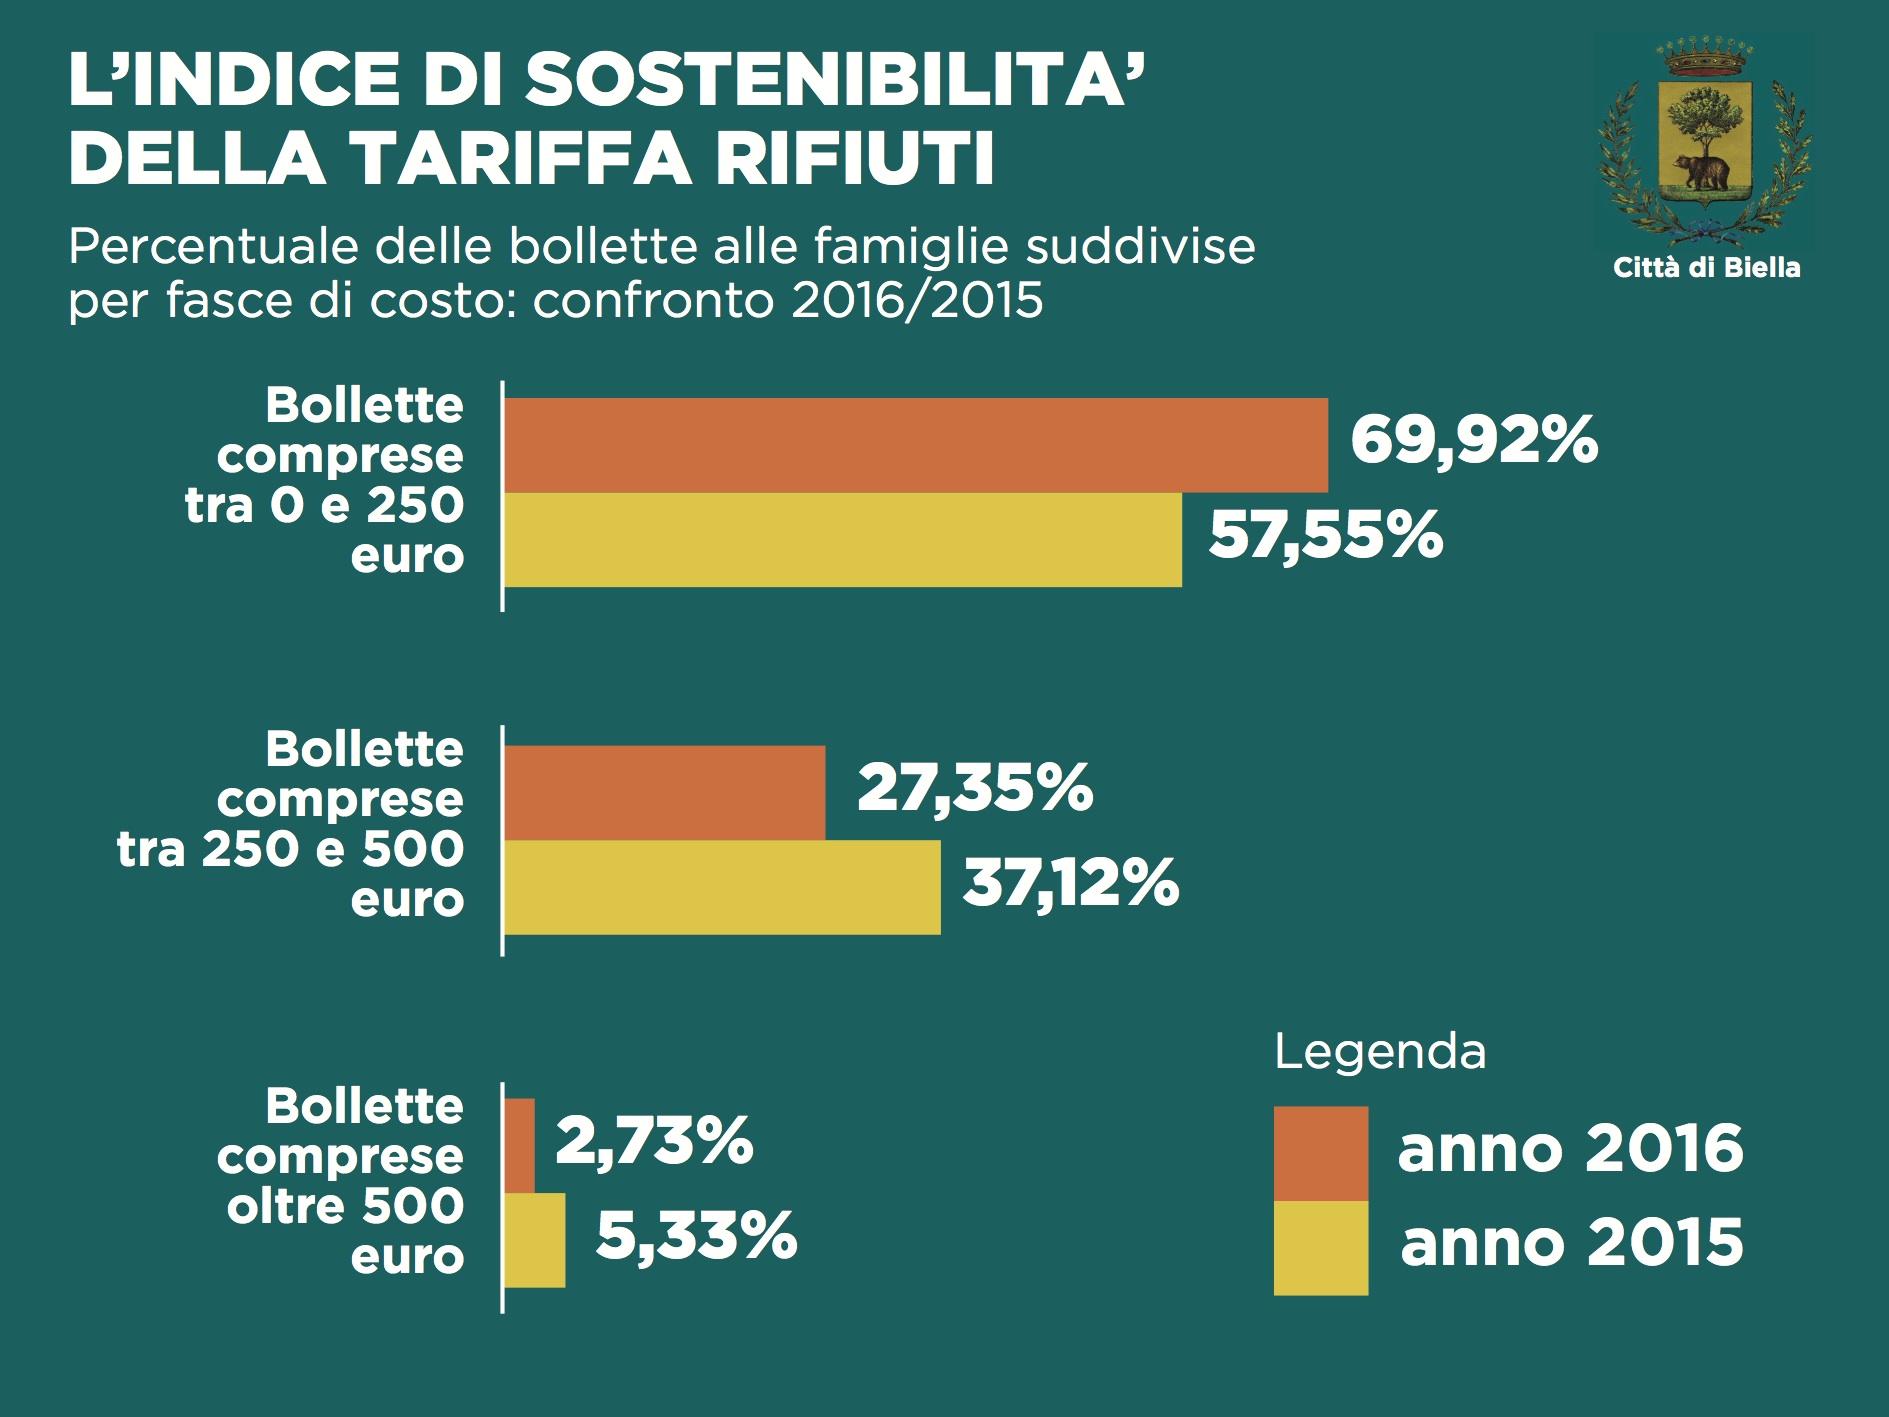 L'indice di sostenibilità delle bollette dei rifiuti: contronto 2016/2015